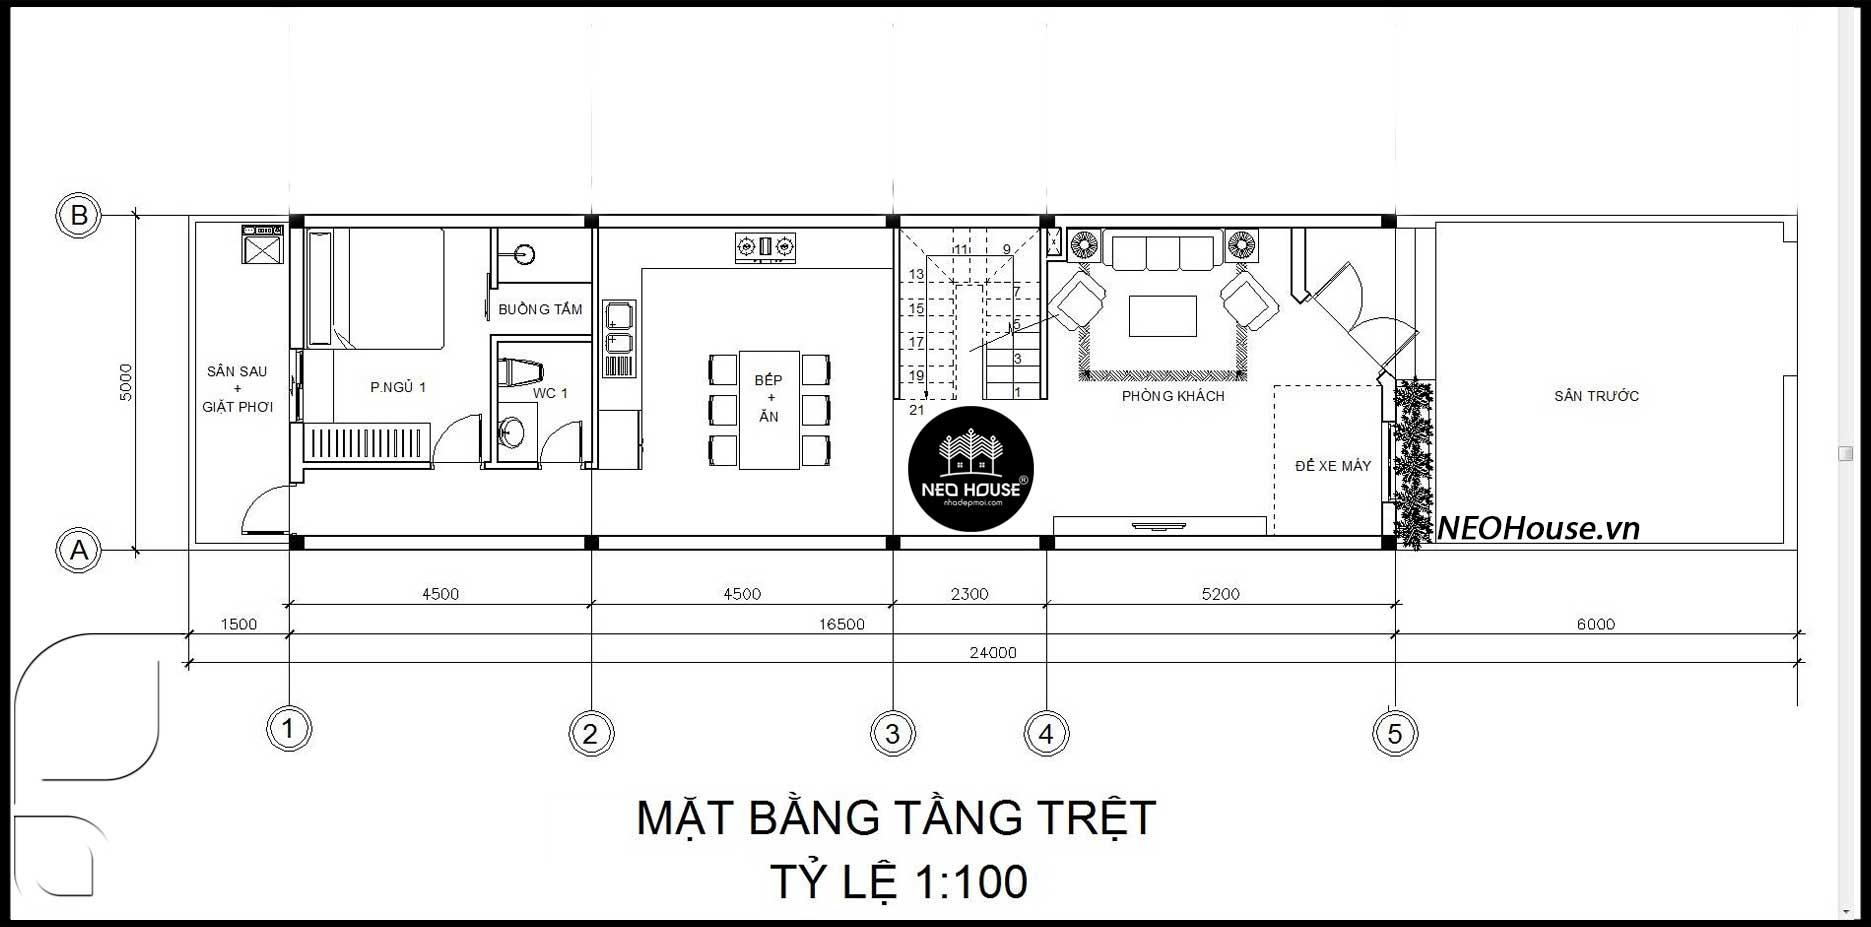 Mặt bằng tầng trệt nhà ống 2 tầng 1 tum 3 phòng ngủ